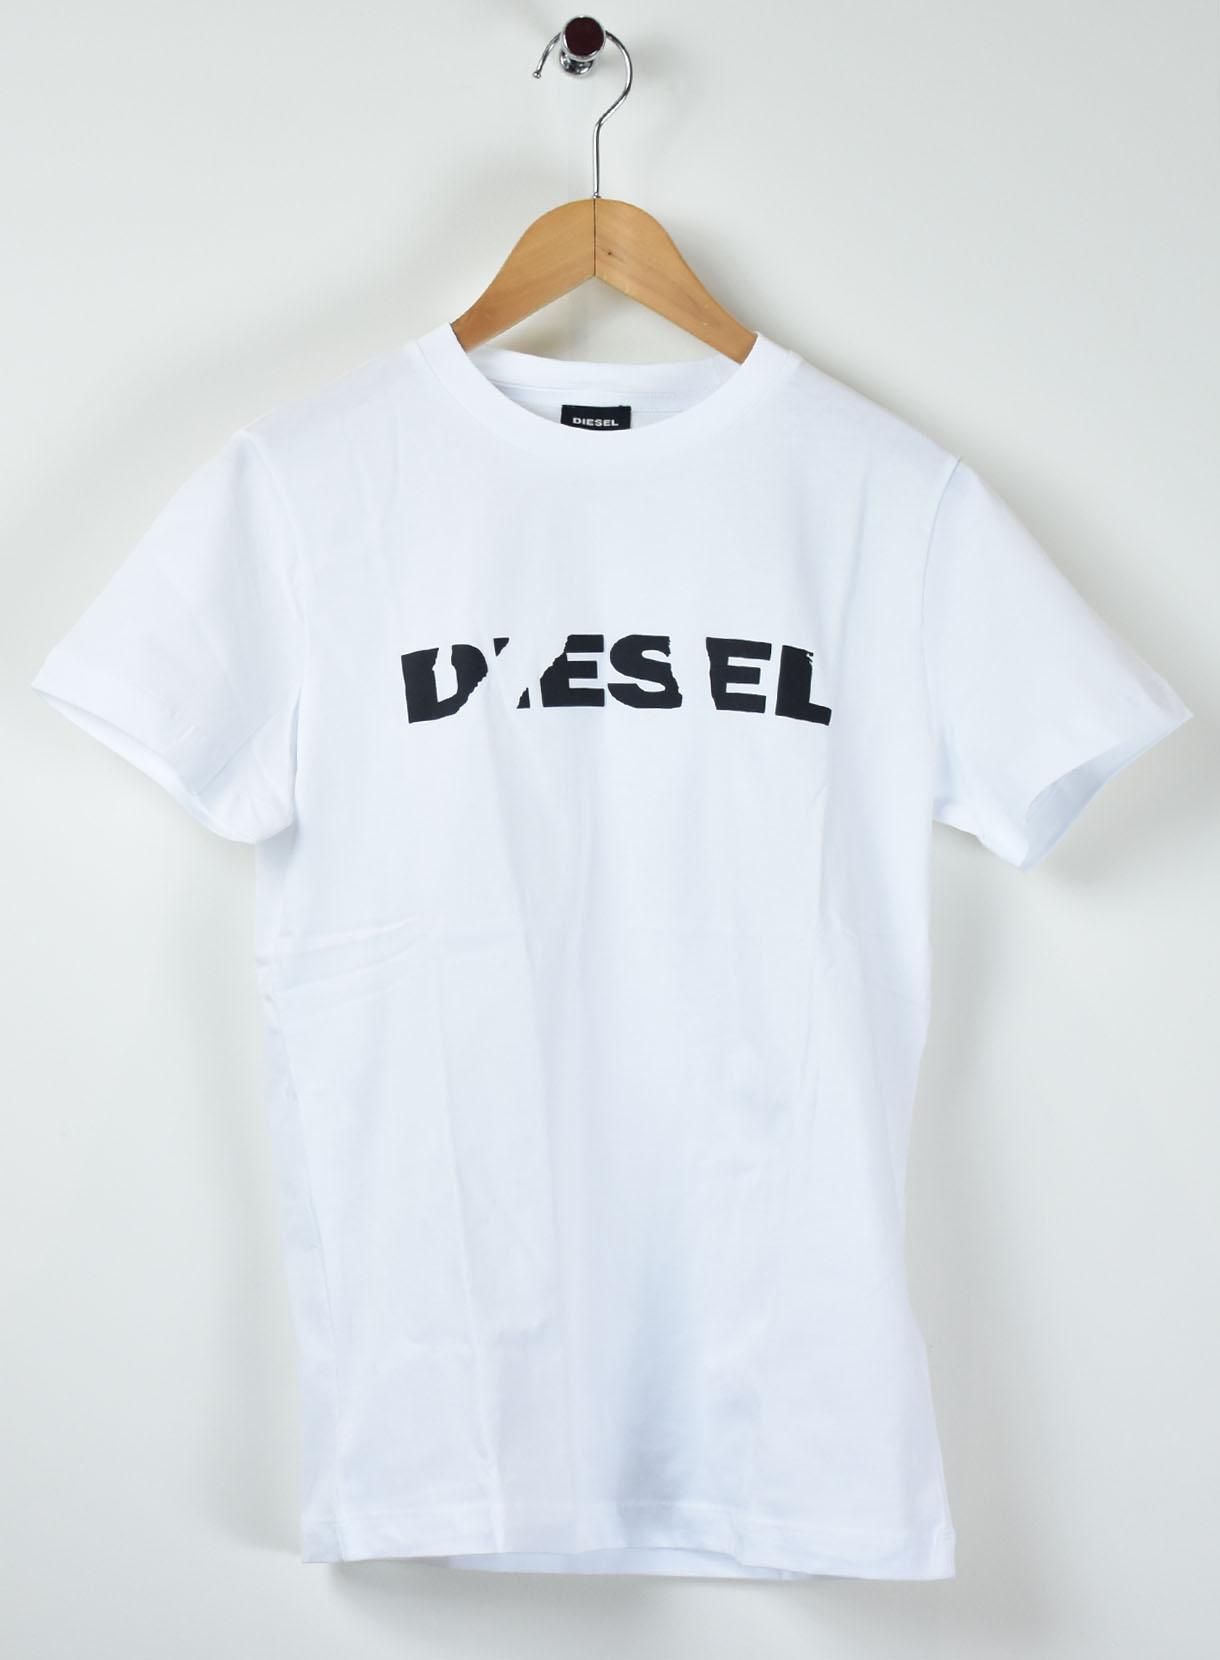 DIESEL 3DスラッシュロゴTシャツ